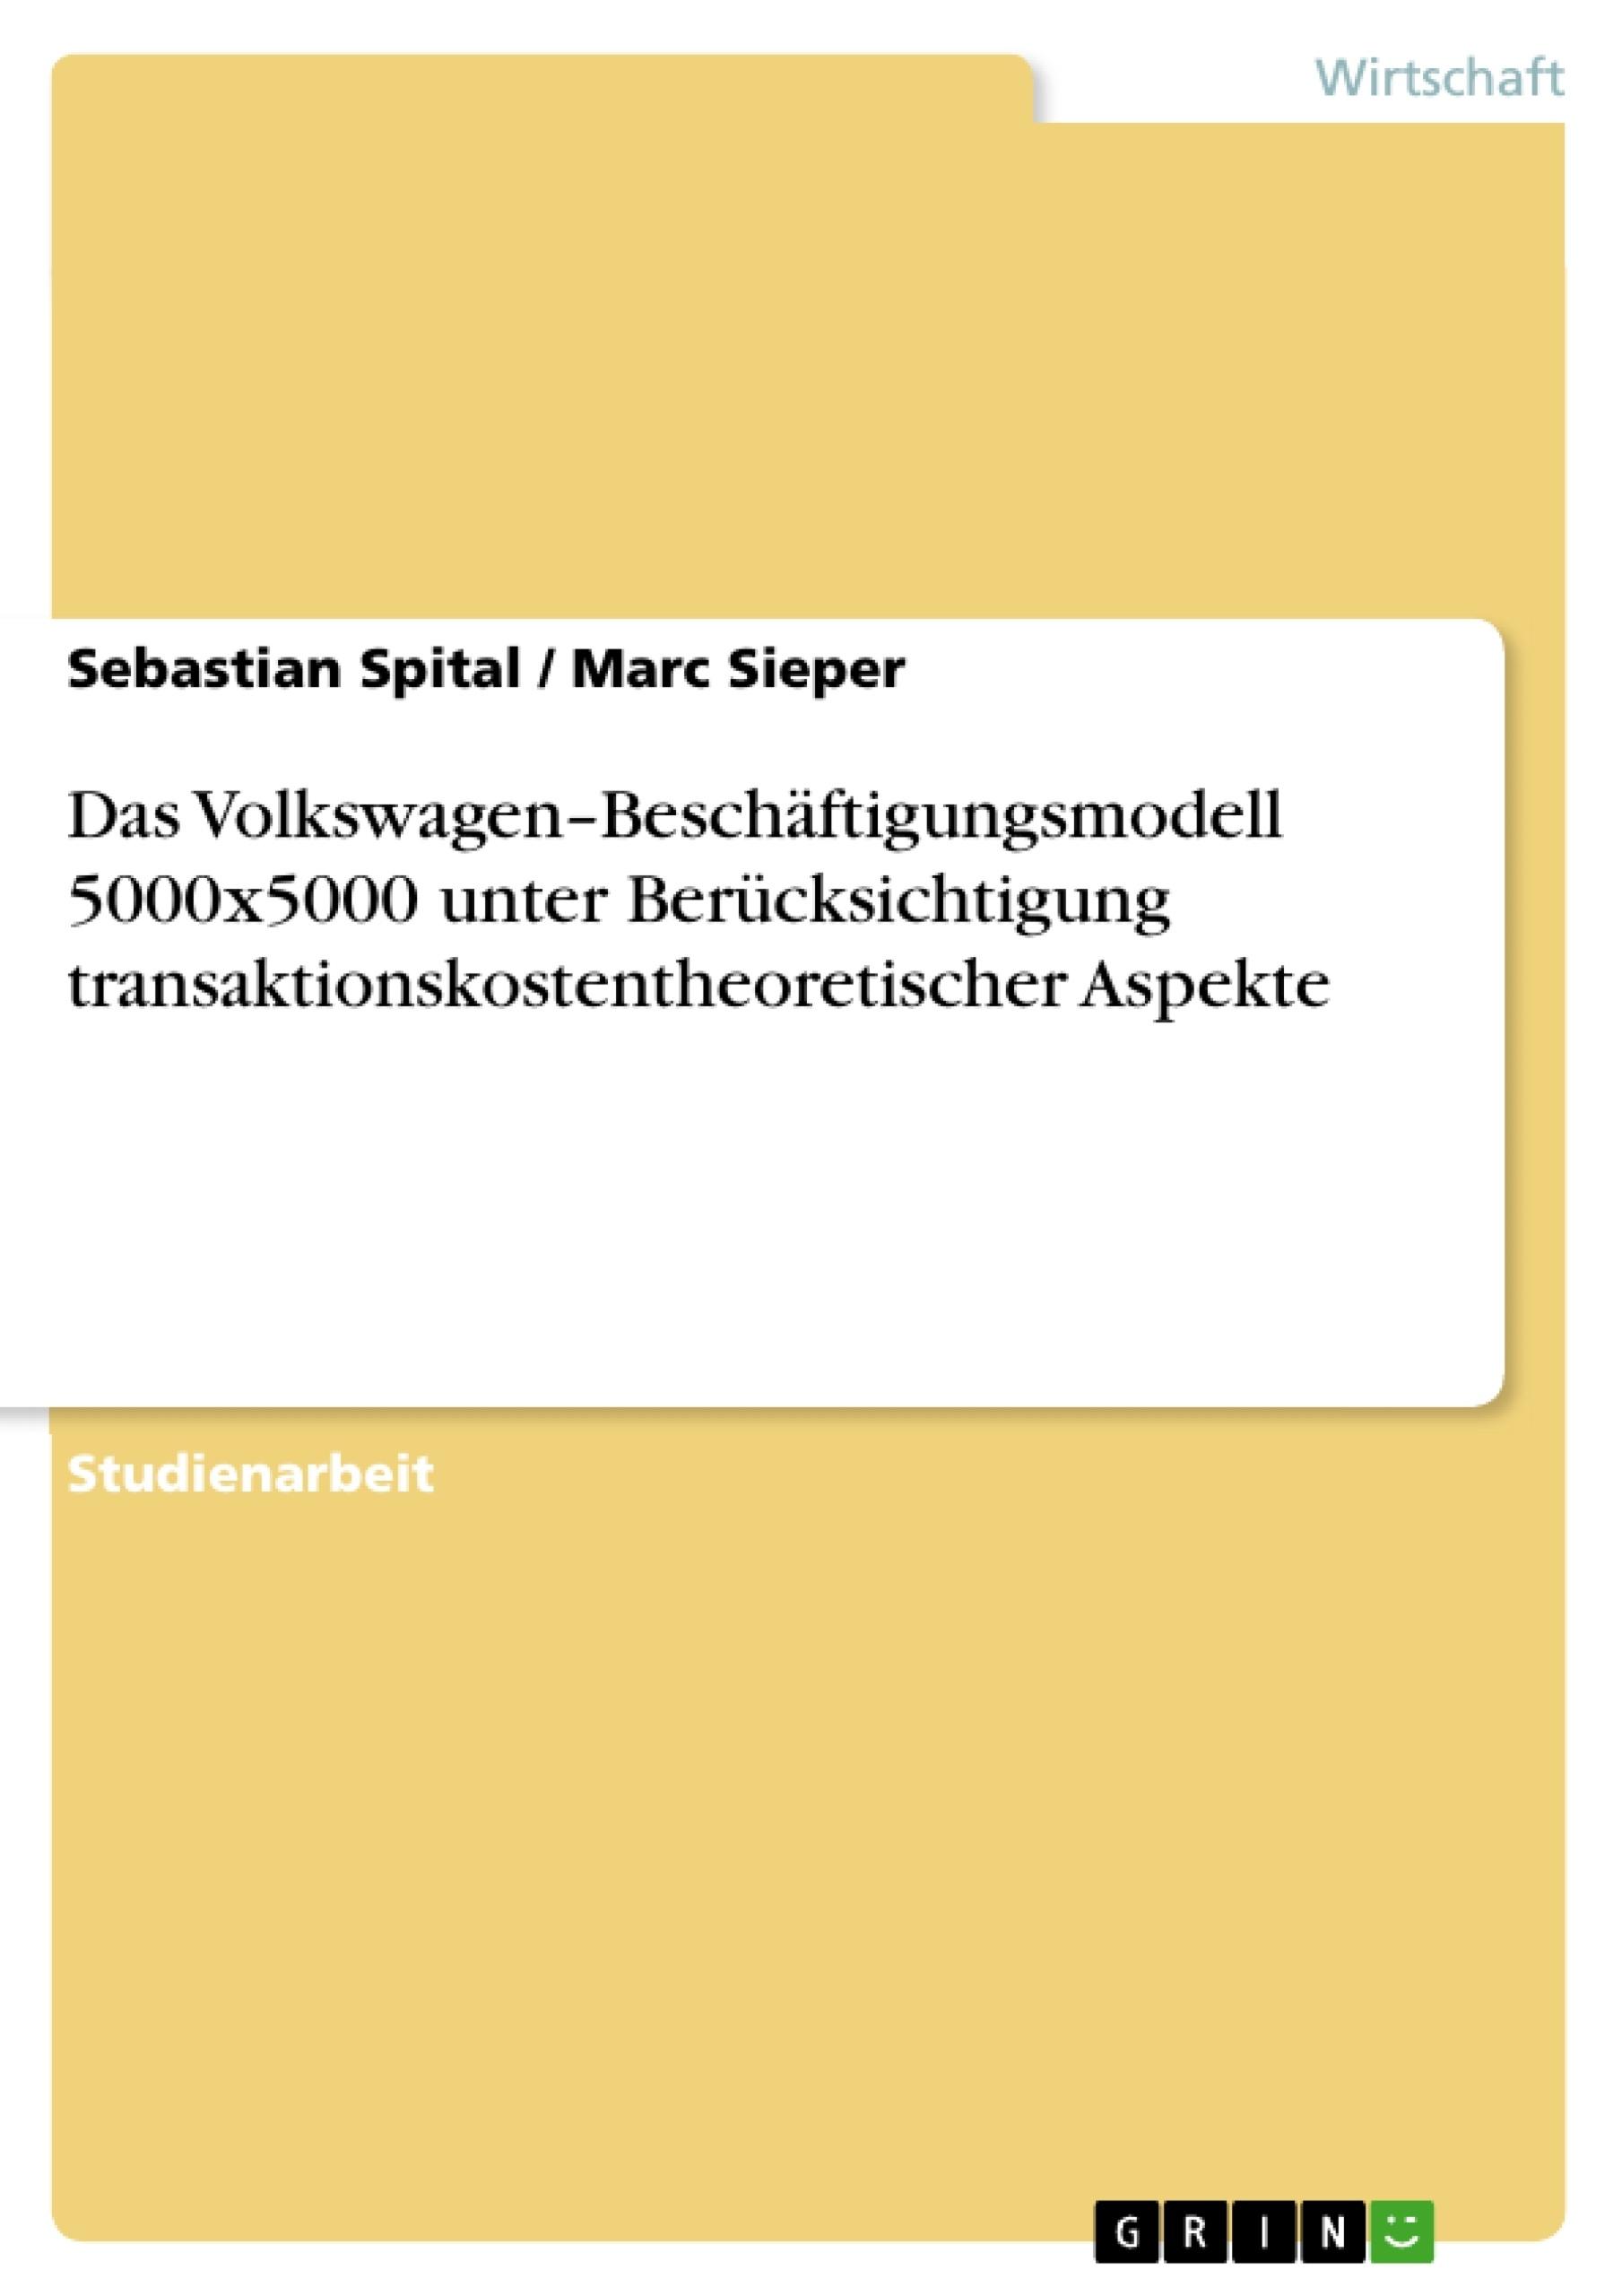 Titel: Das Volkswagen–Beschäftigungsmodell 5000x5000 unter Berücksichtigung transaktionskostentheoretischer Aspekte